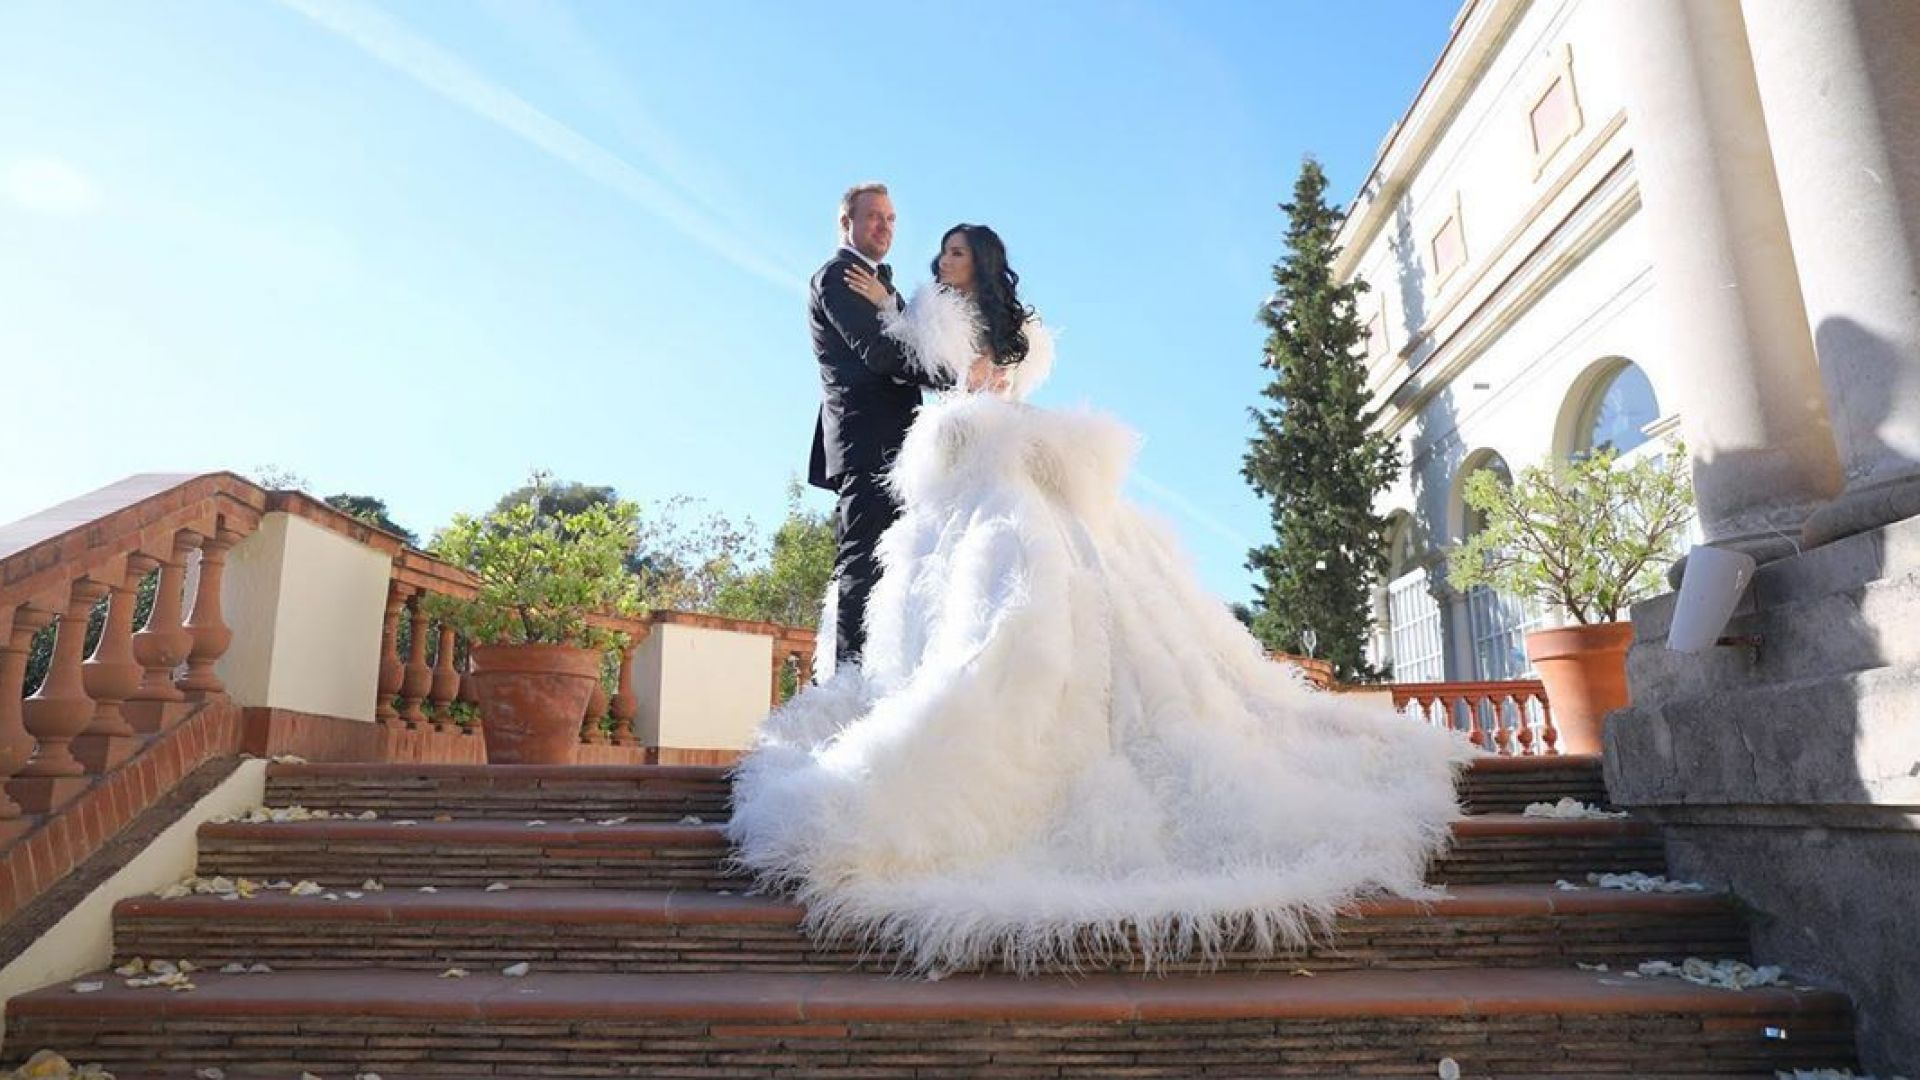 Цеци Красимирова вдигна пищна сватба в Каталуния (снимки)